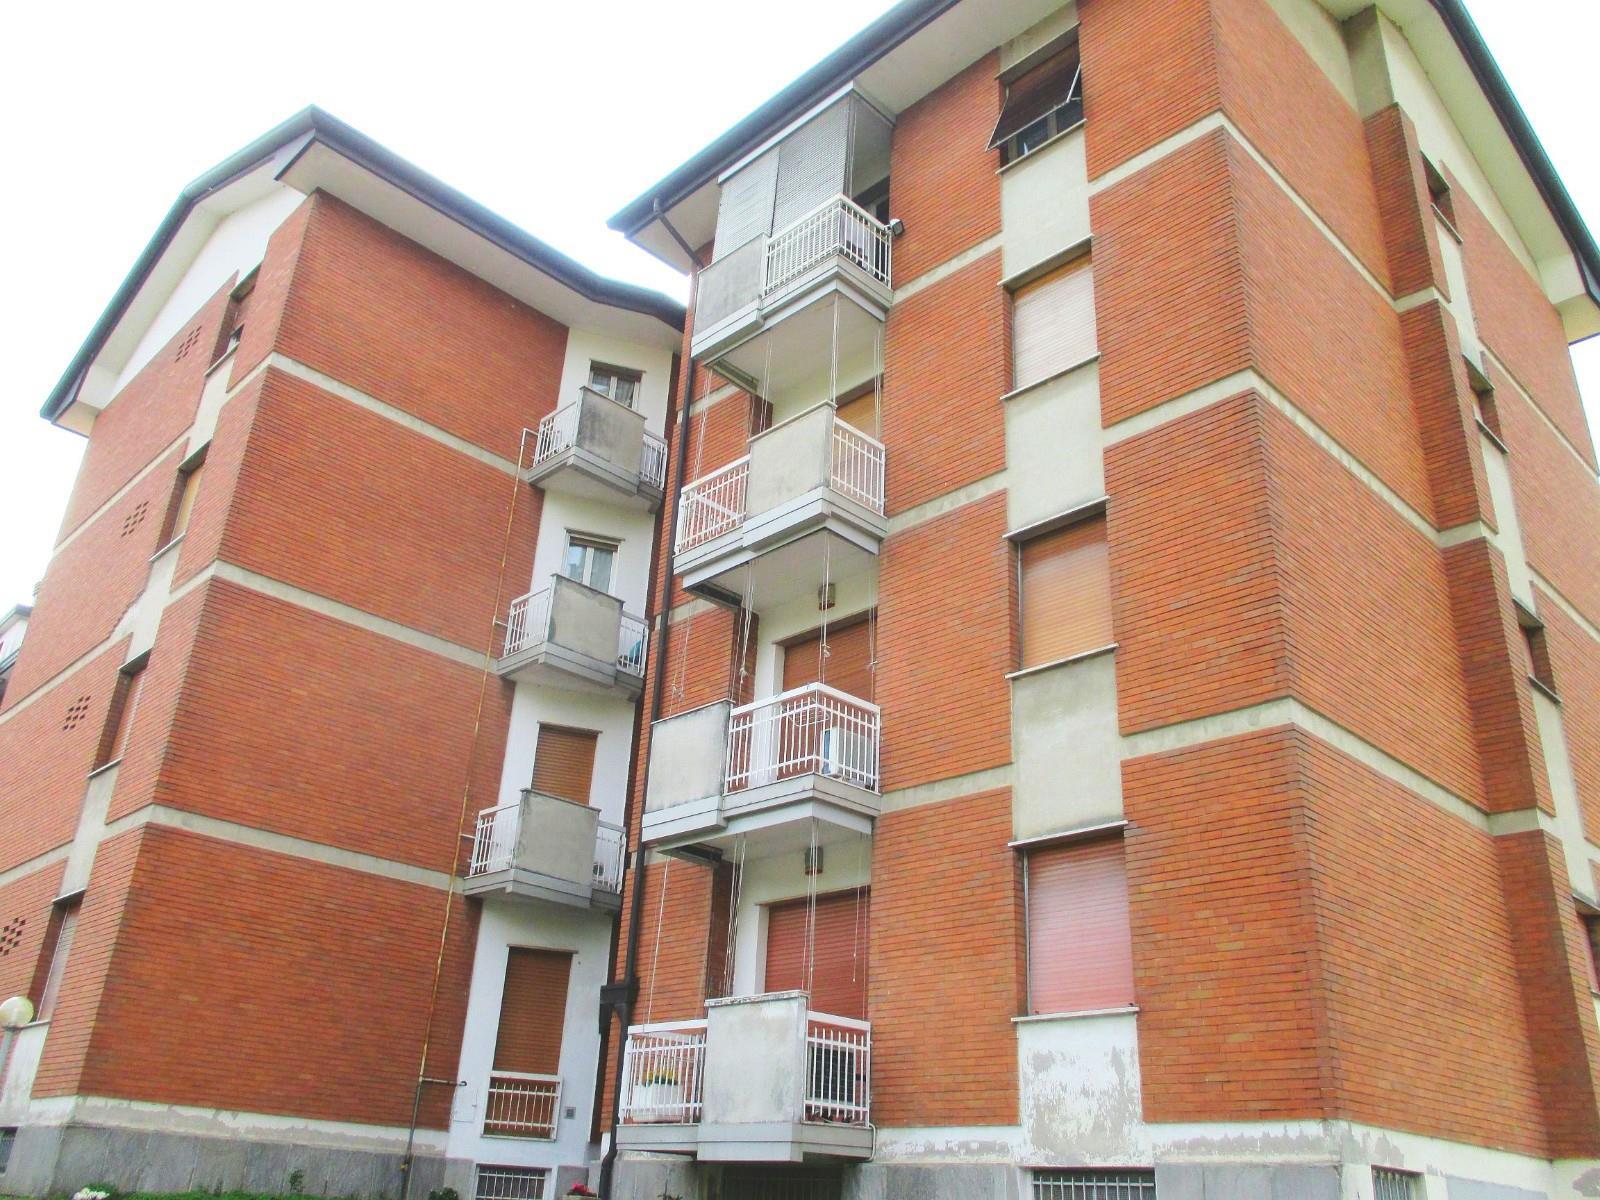 Foto 10 - Appartamento in Vendita - Seveso (Monza e Brianza)